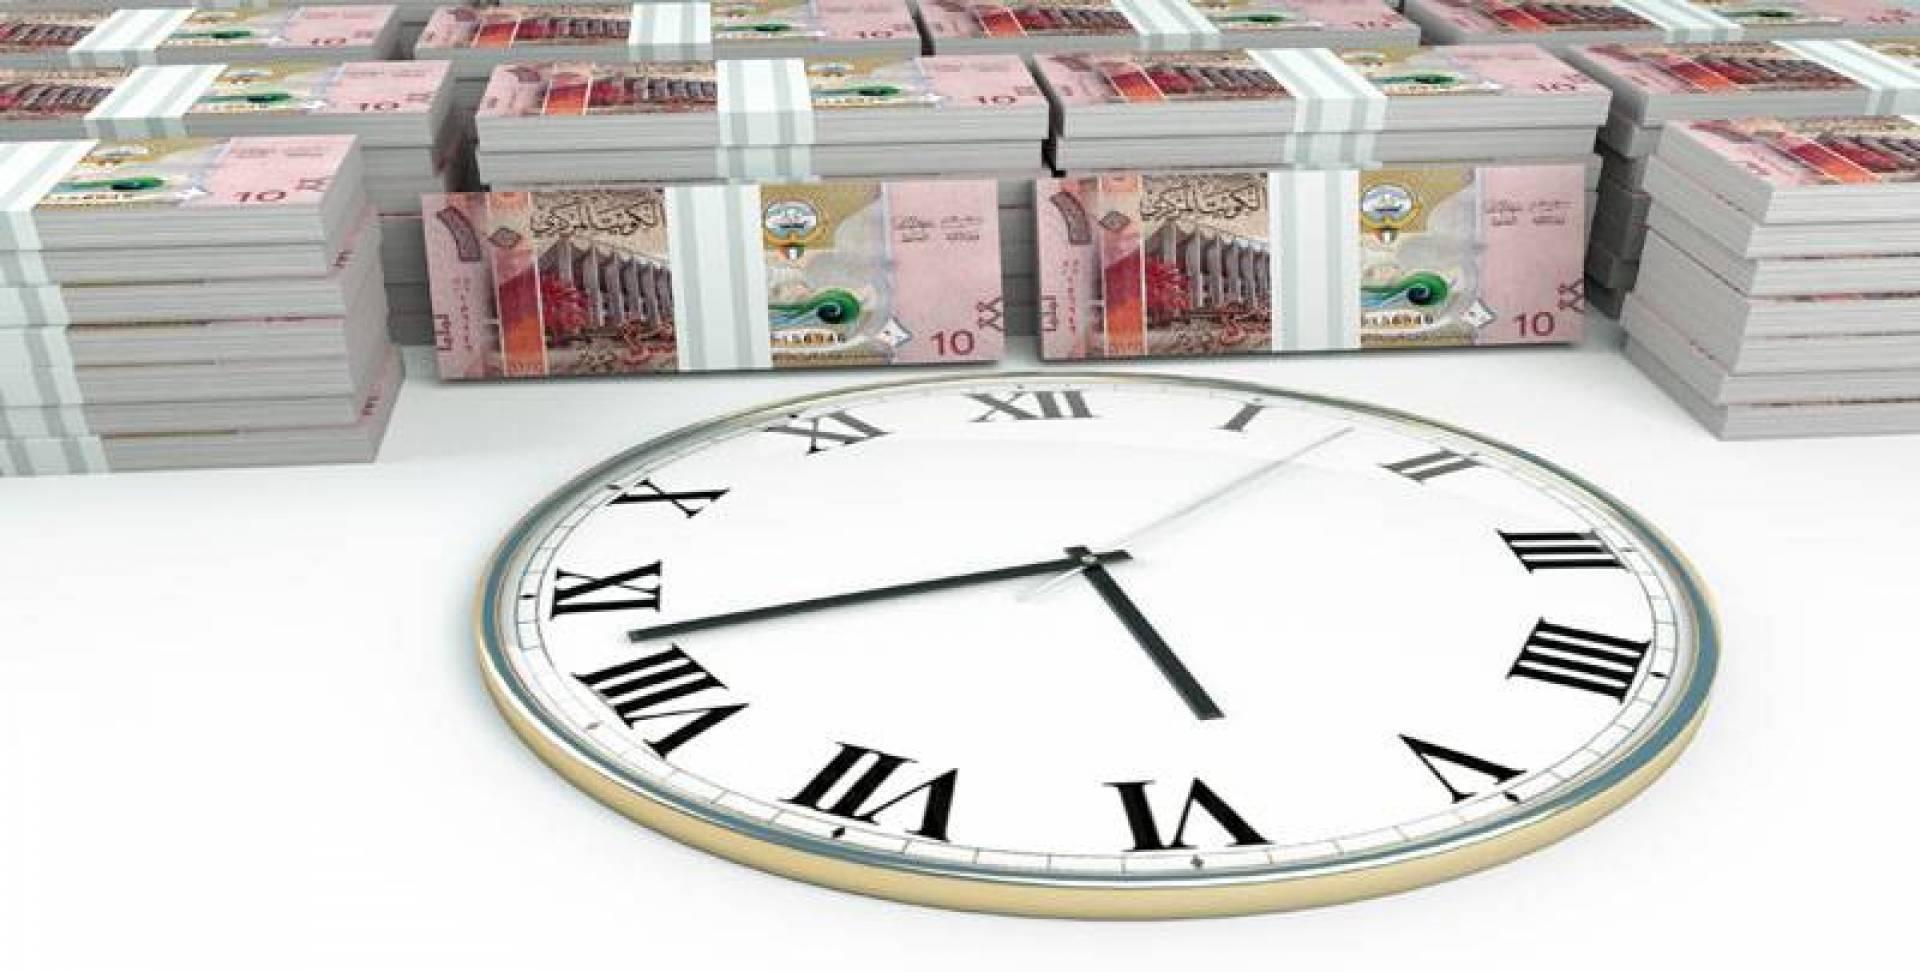 1.8 مليار دينار مستحقّات حكومية «منسية»!